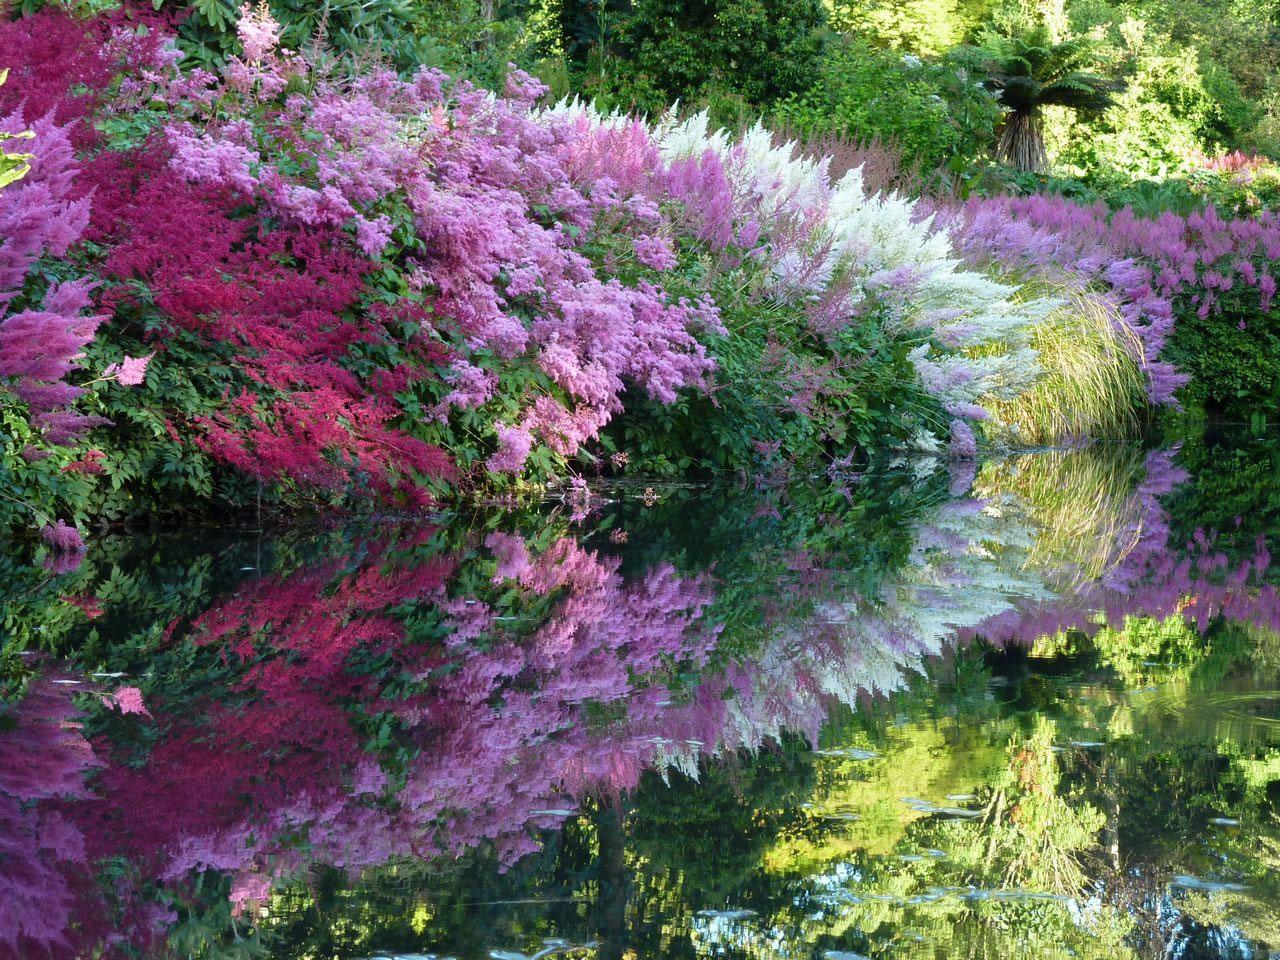 Астильба в ландшафтном дизайне — фото цветов на клумбе, идеи сочетания растений в миксбордере